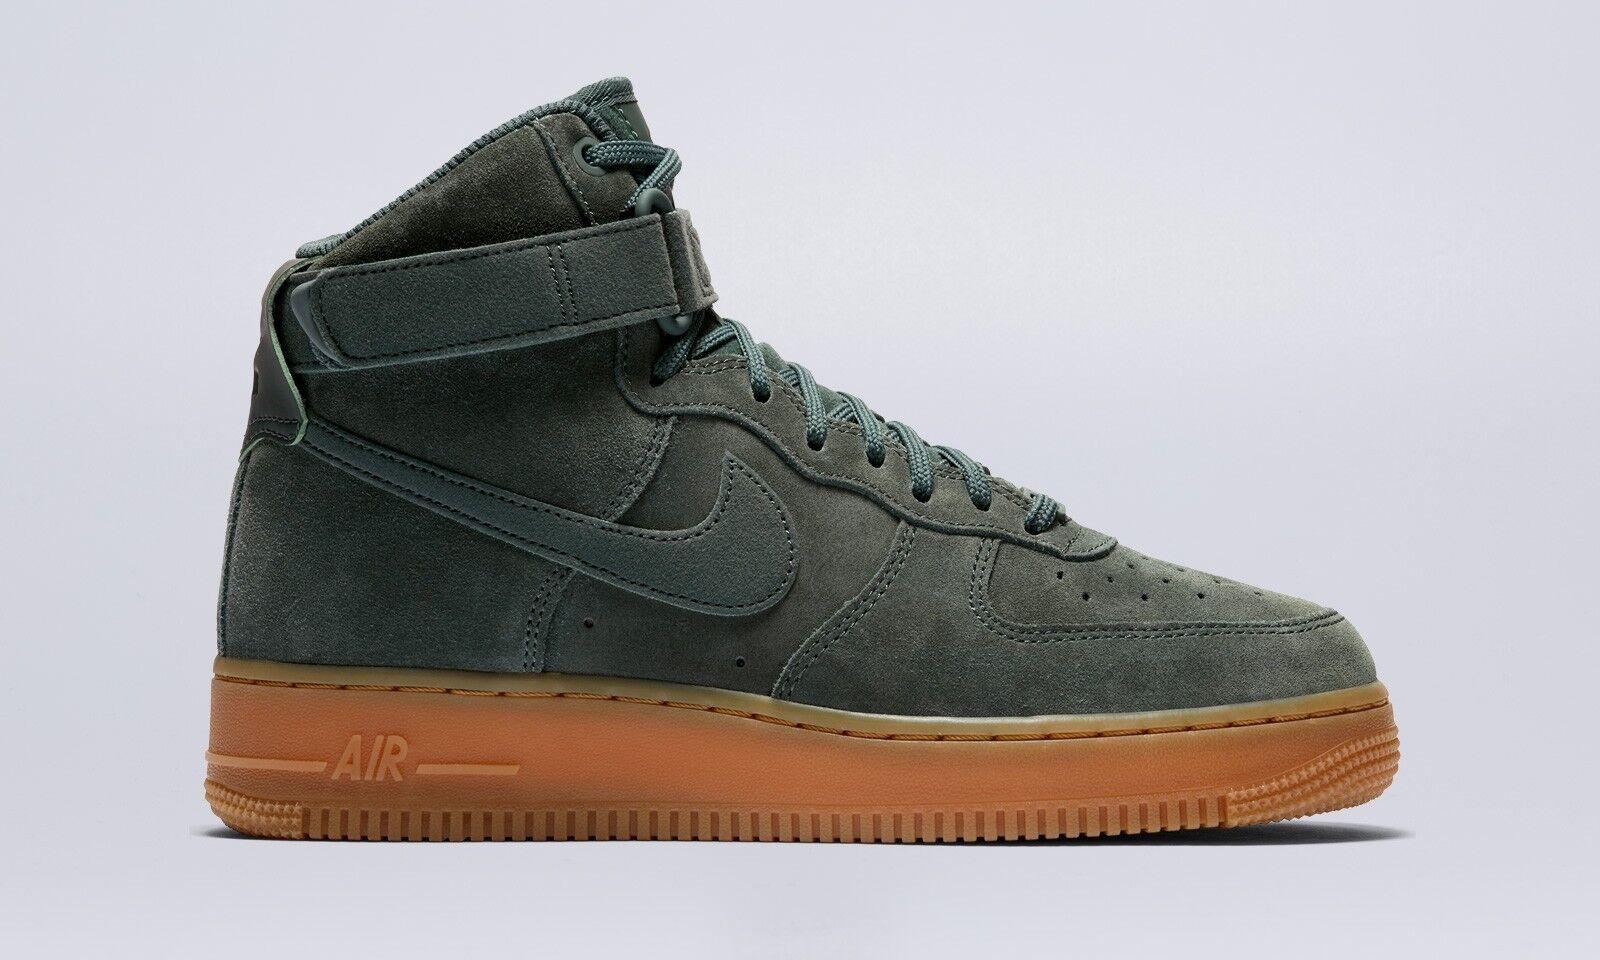 Nike Air Force 1 HI SE   860544 301 Green Suede Gum Women SZ 11.5 = Men SZ 10